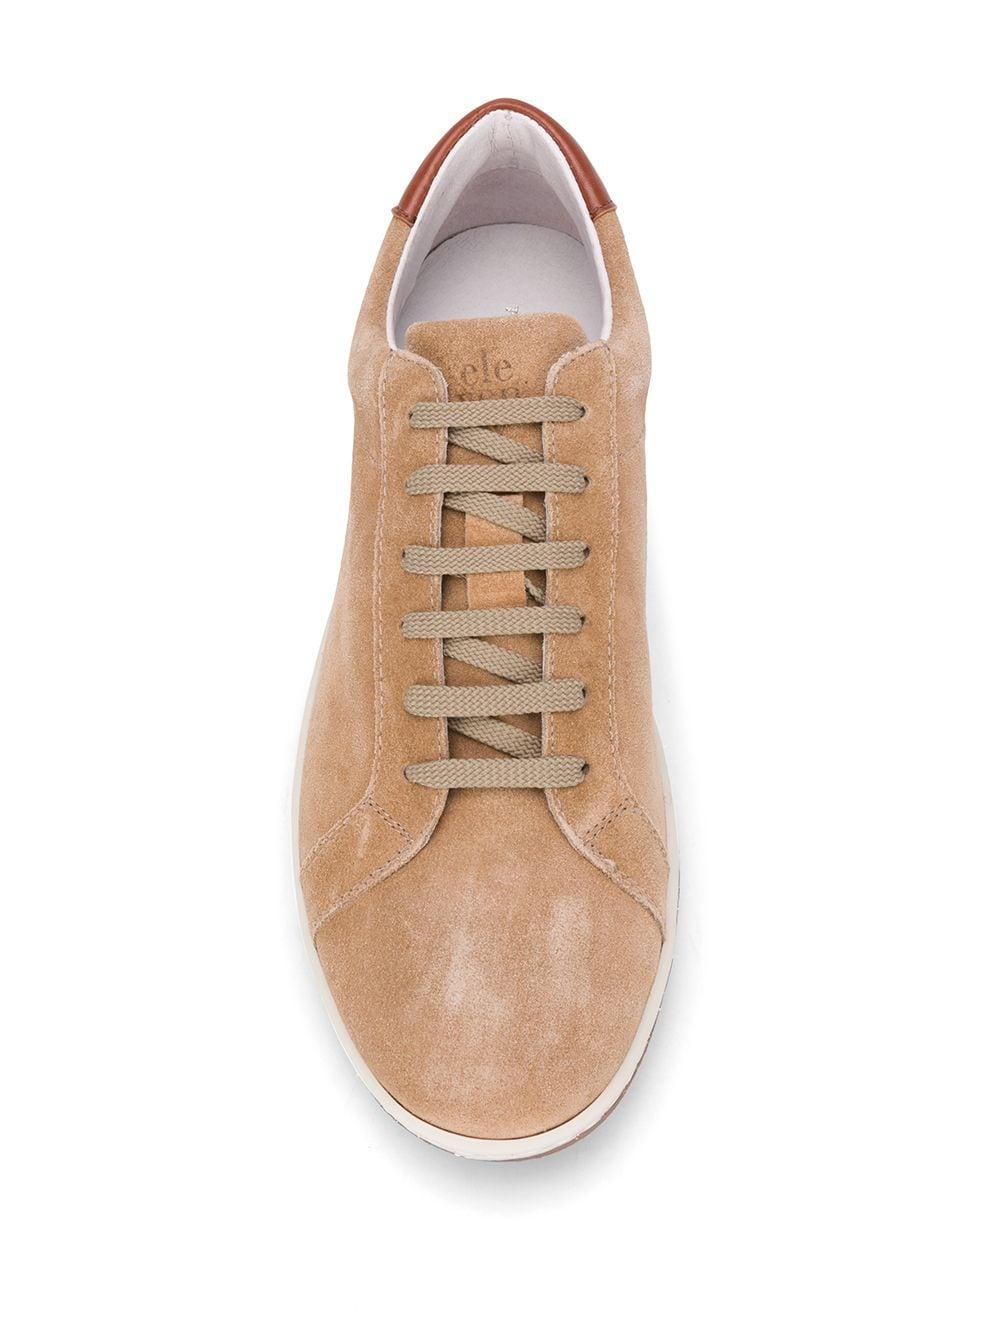 sneakers basse in pelle marrone effetto scamosciato ELEVENTY | Scarpa | A72SCNA01-SCA0A00702